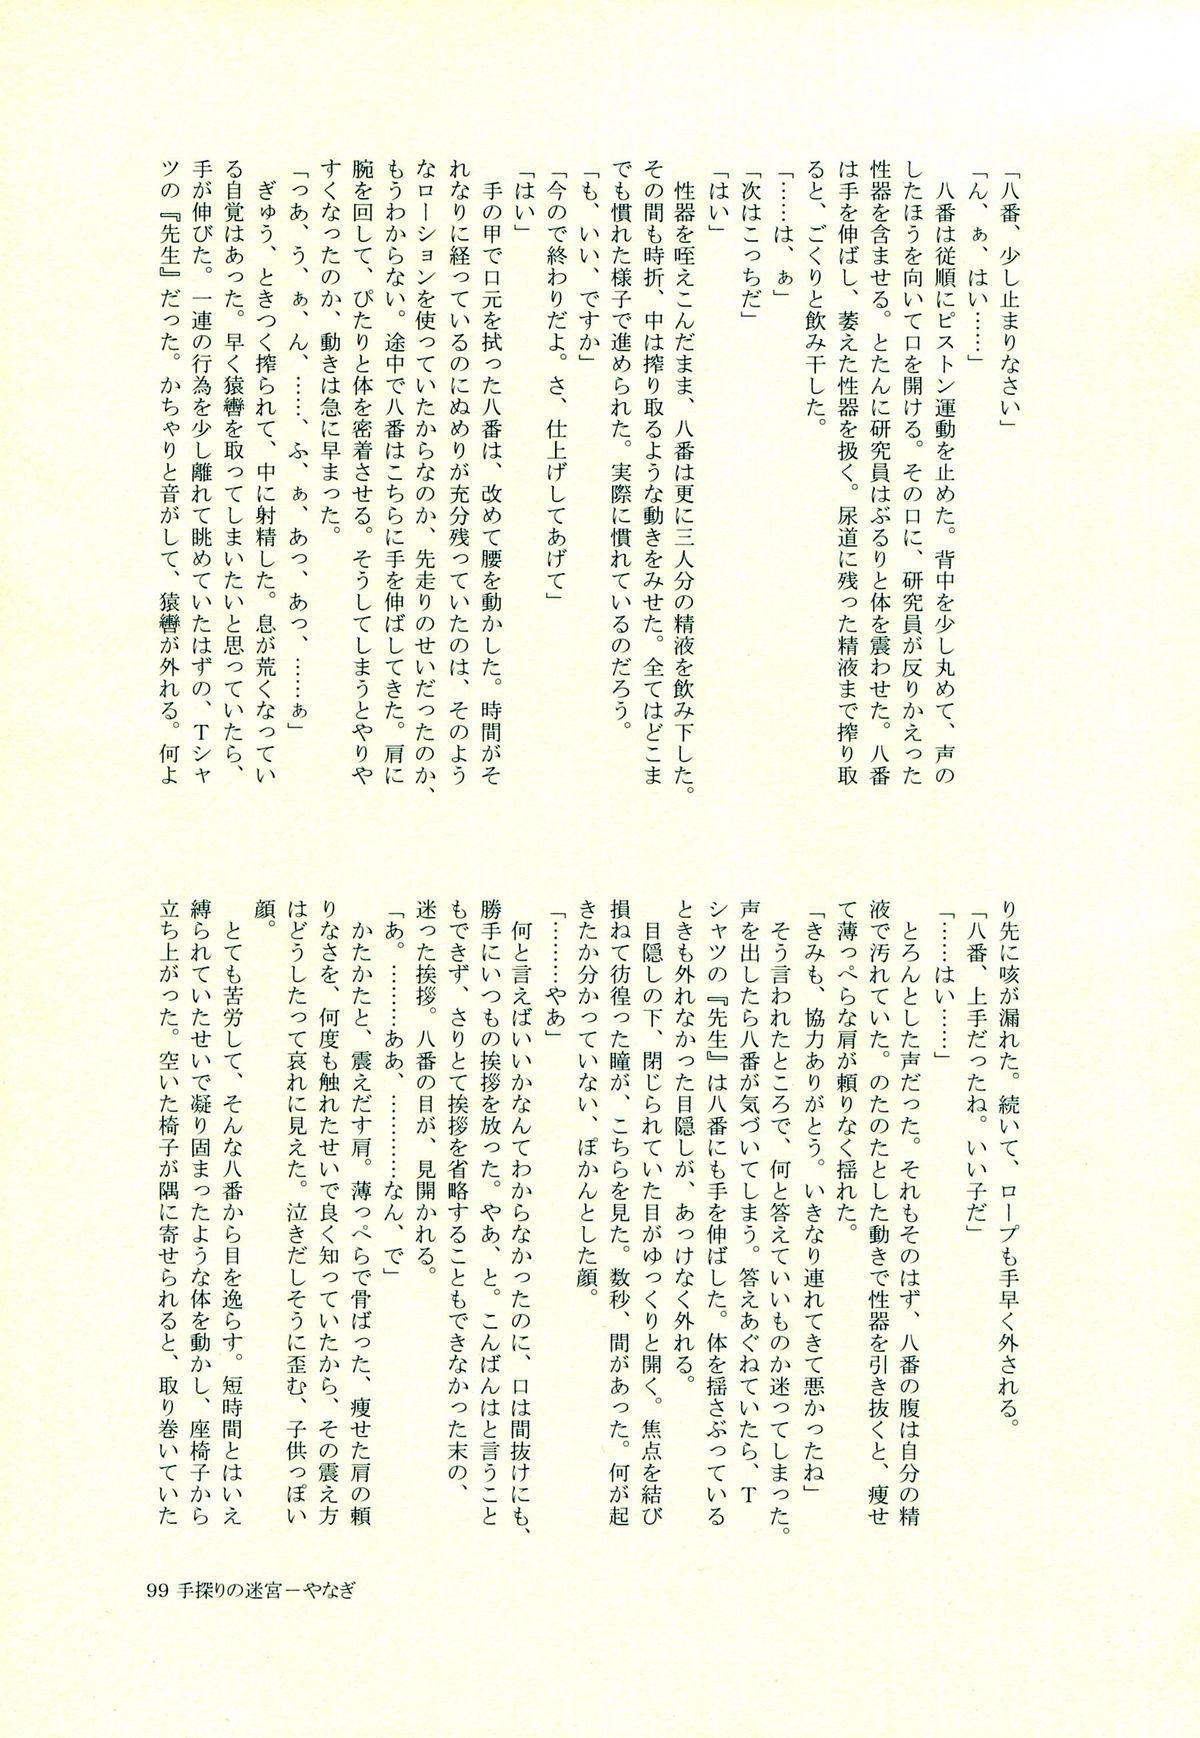 Hinata Hajime no Himitsu no Jikan 97